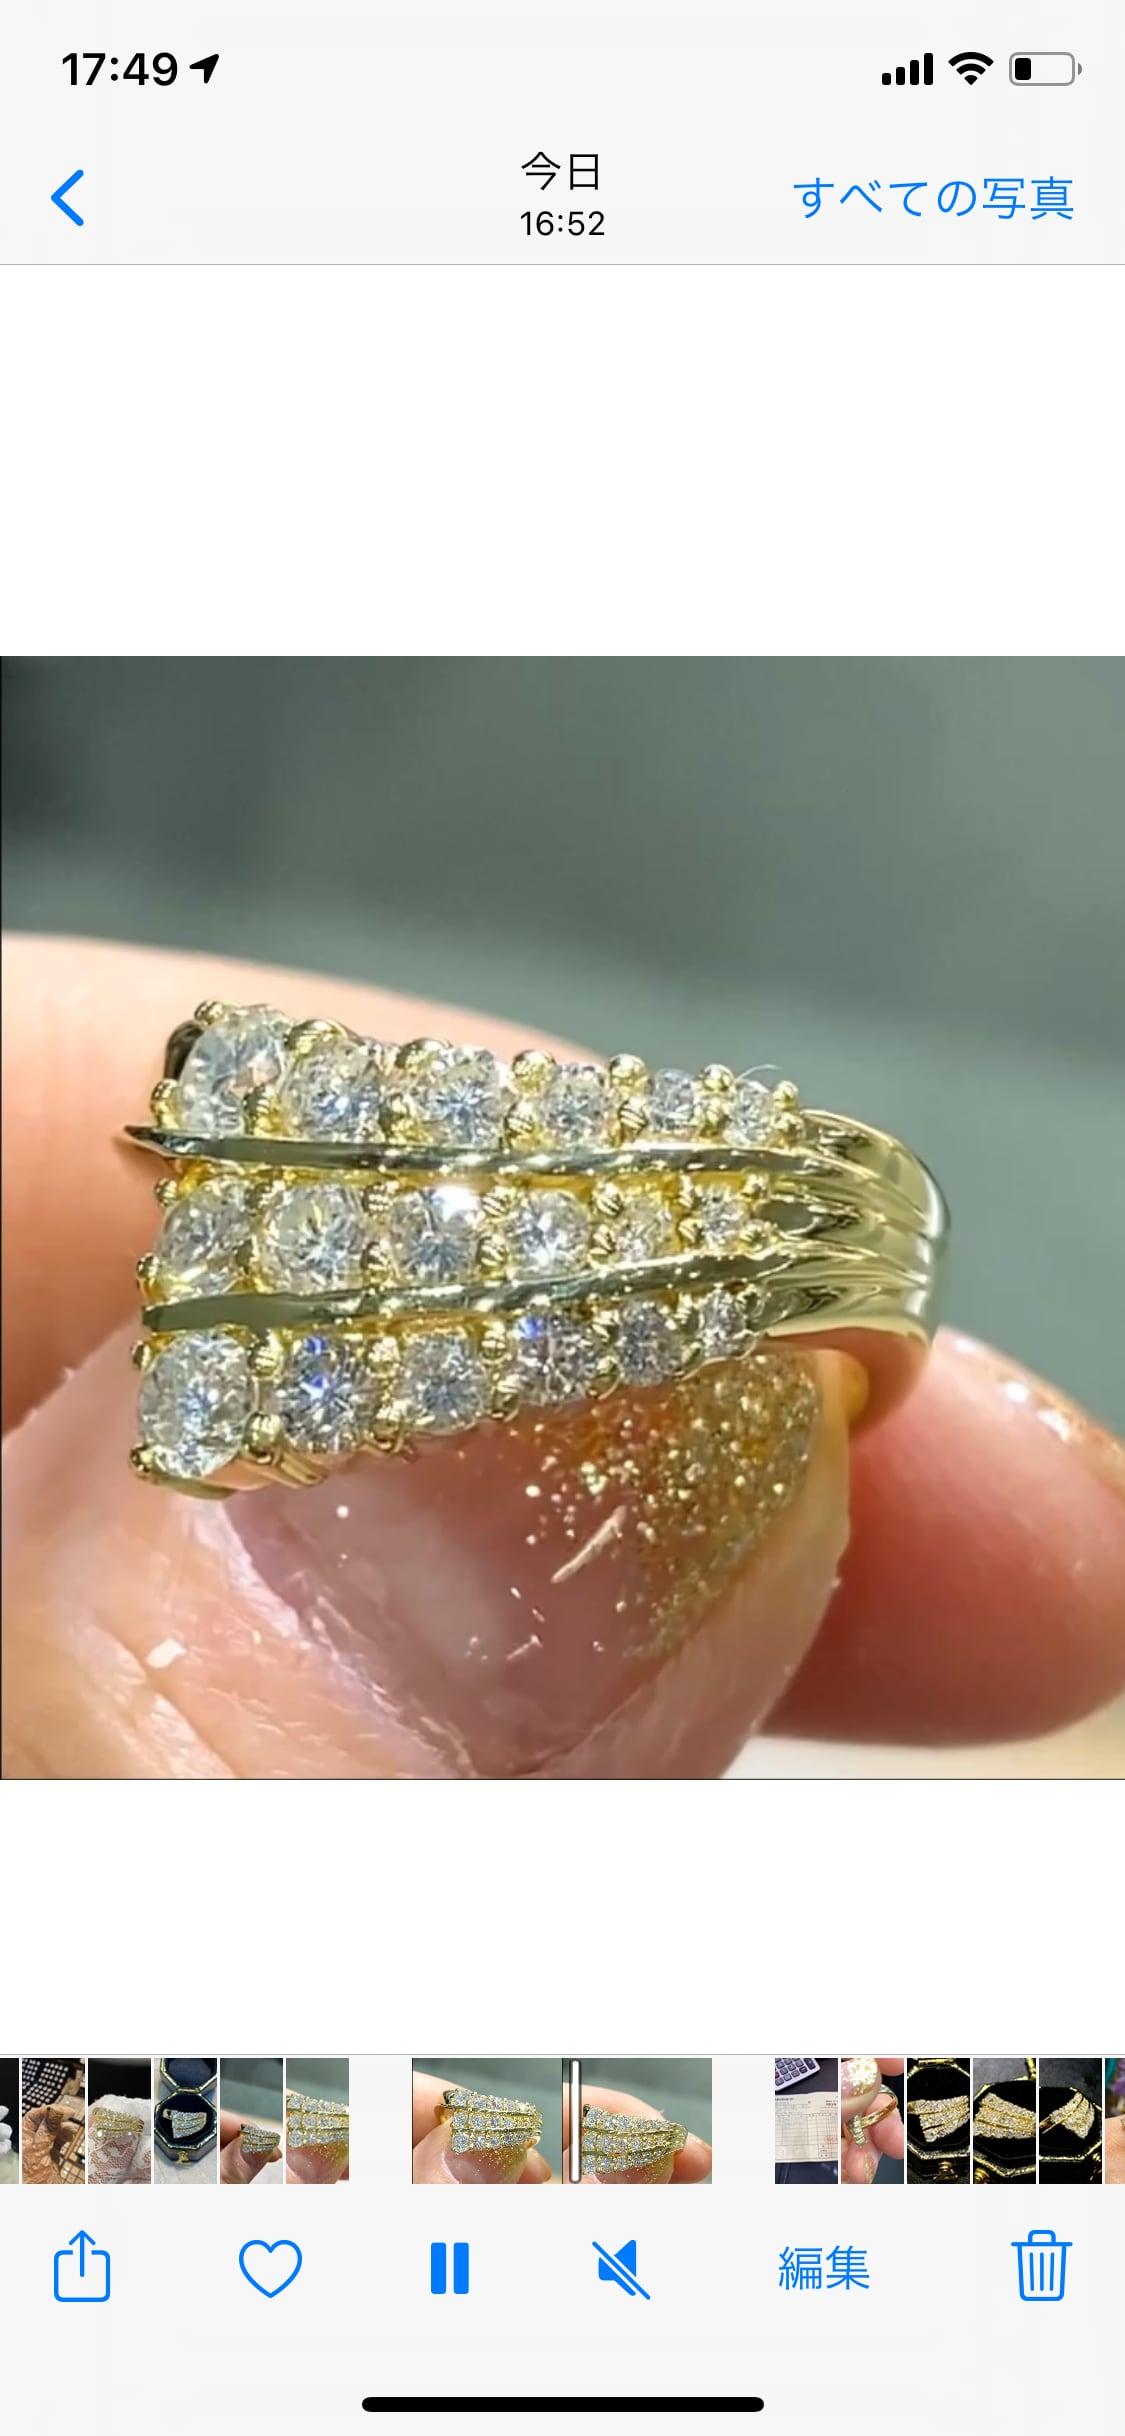 【Japanese traditional ring】煌めきの流星群✨ダイヤモンド光のグラデーション✨